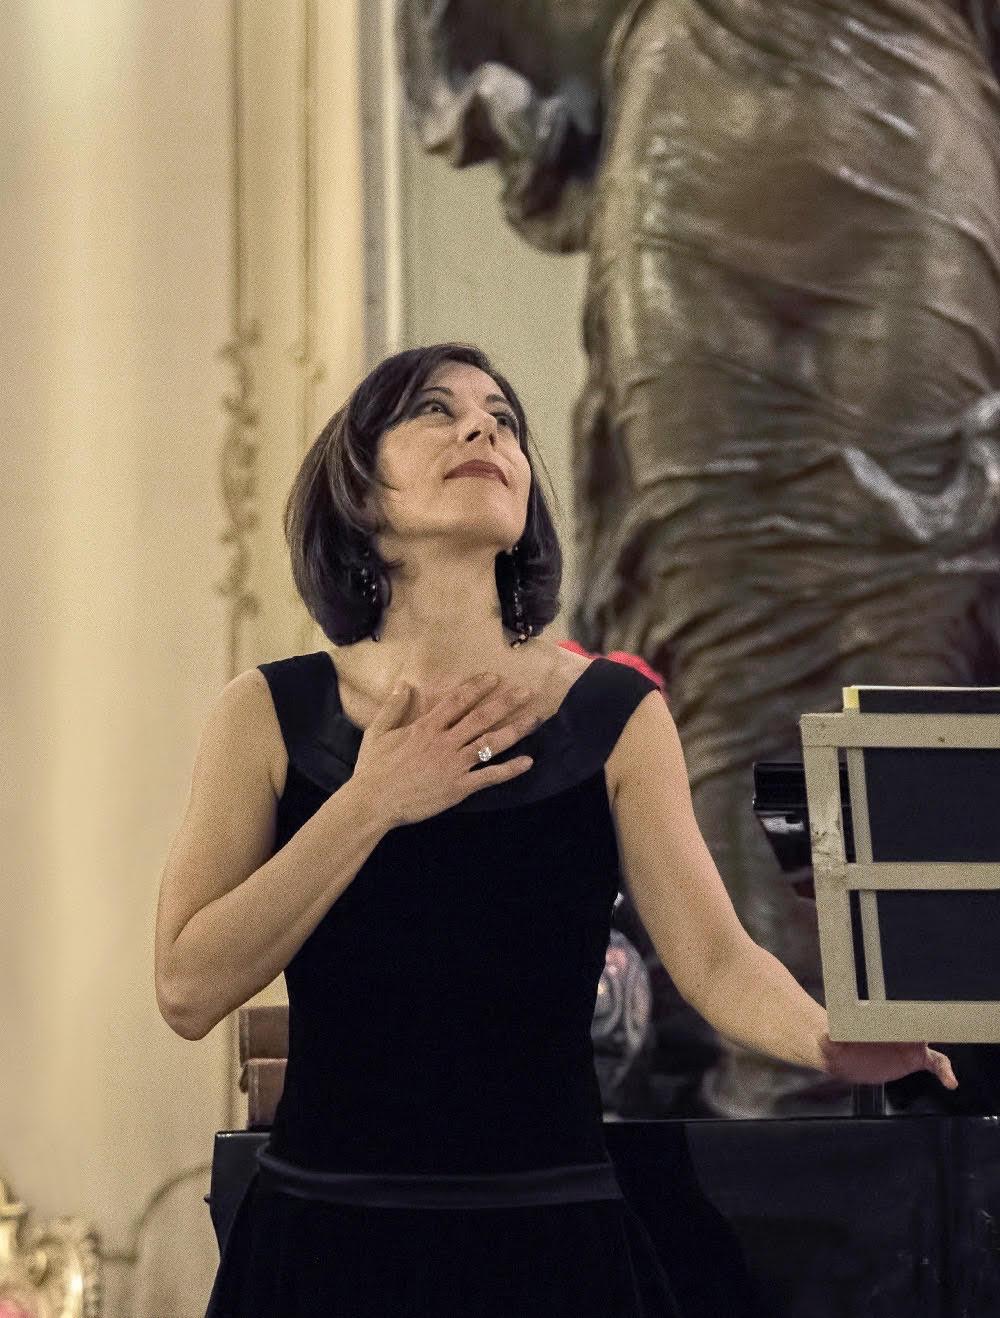 Franci Festival: concerto dedicato alla notte con Laura Polverelli e Hector Moreno al piano